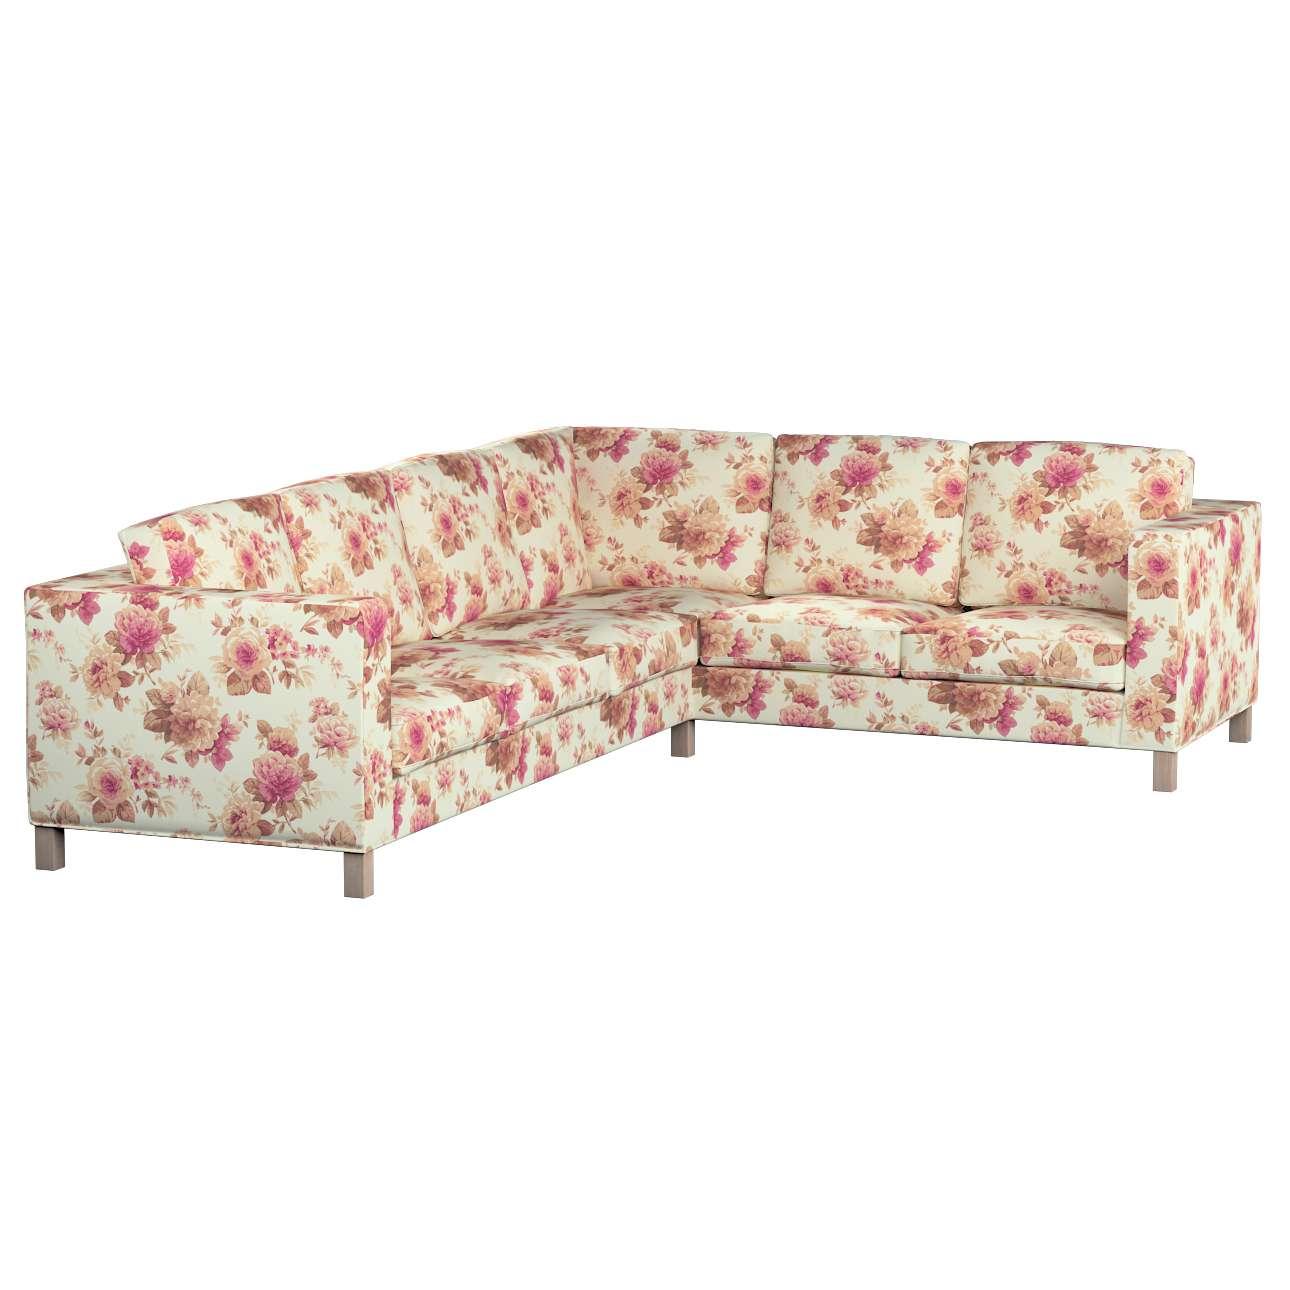 Pokrowiec na sofę narożną lewostronną Karlanda Sofa narożna lewostronna Karlanda w kolekcji Mirella, tkanina: 141-06